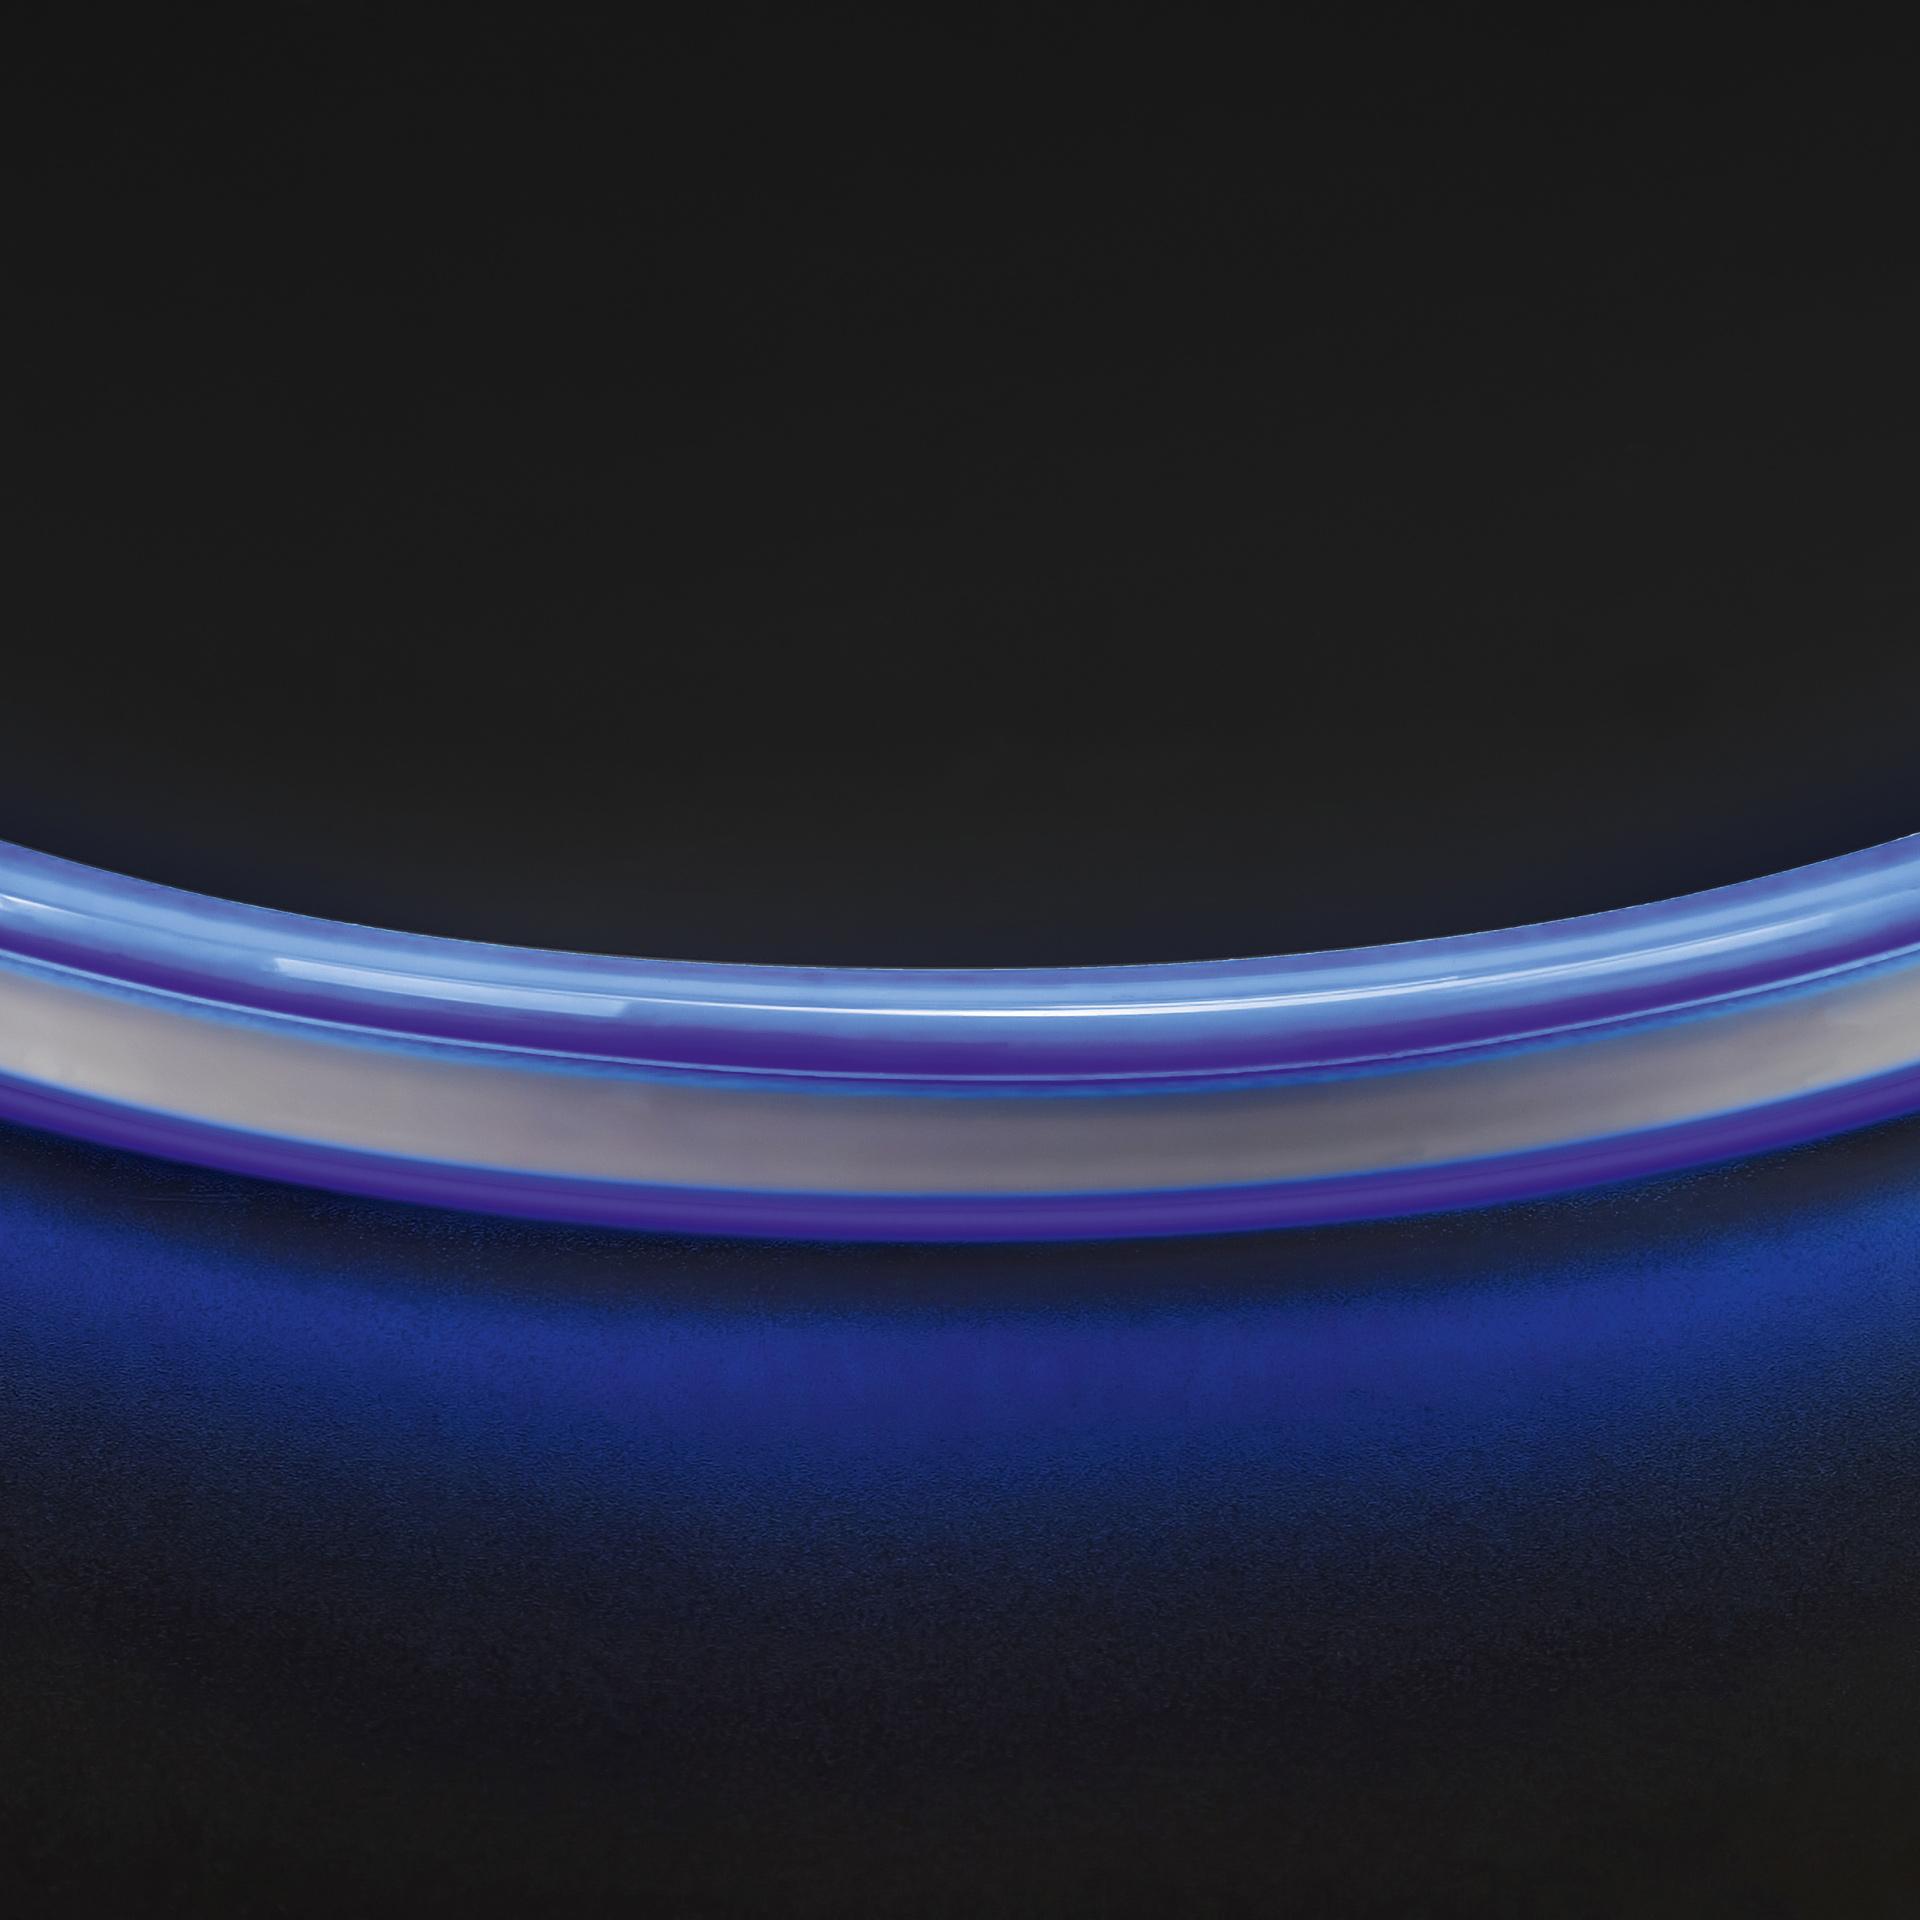 Лента гибкая неоновая NEOLED 220V 120 LED голубой цвет IP65 Lightstar 430105, купить в СПб, Москве, с доставкой, Санкт-Петербург, интернет-магазин люстр и светильников Starlight, фото в жизни